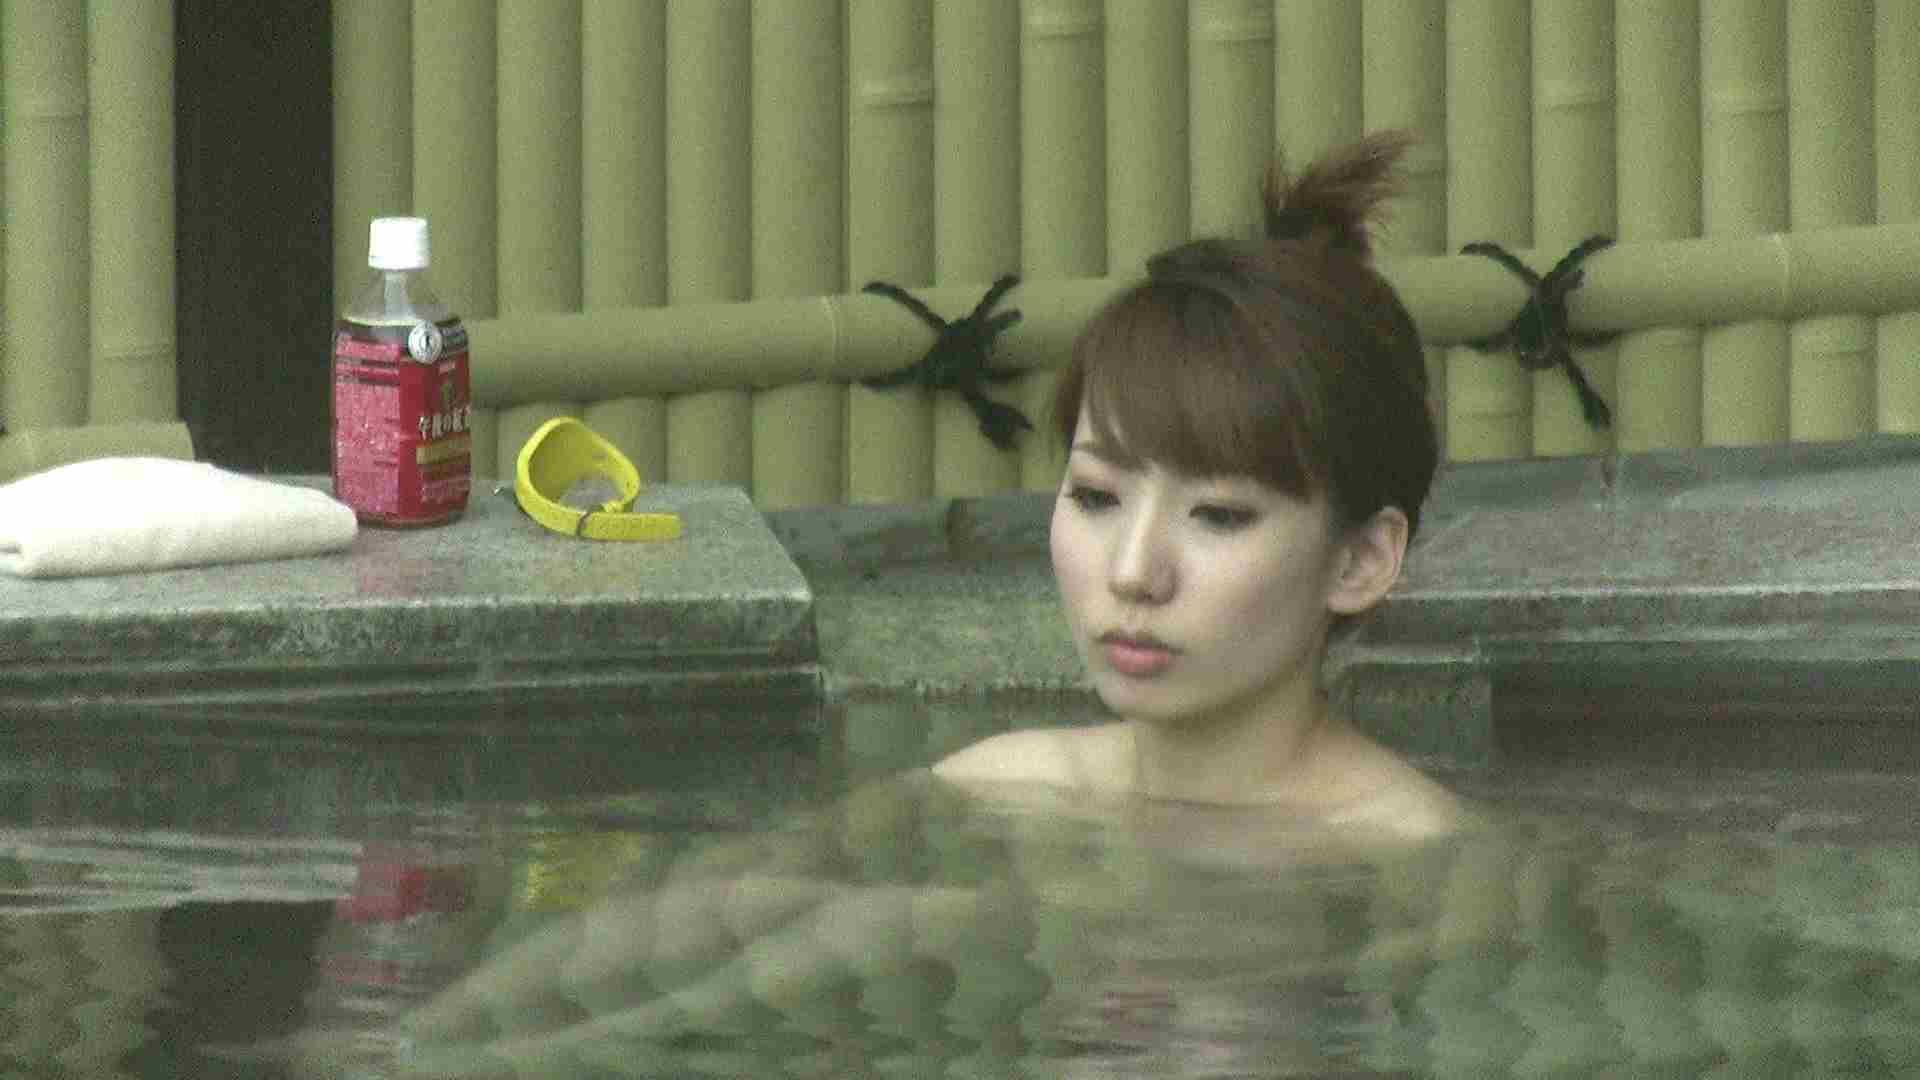 Aquaな露天風呂Vol.208 露天風呂 | 盗撮  54連発 16